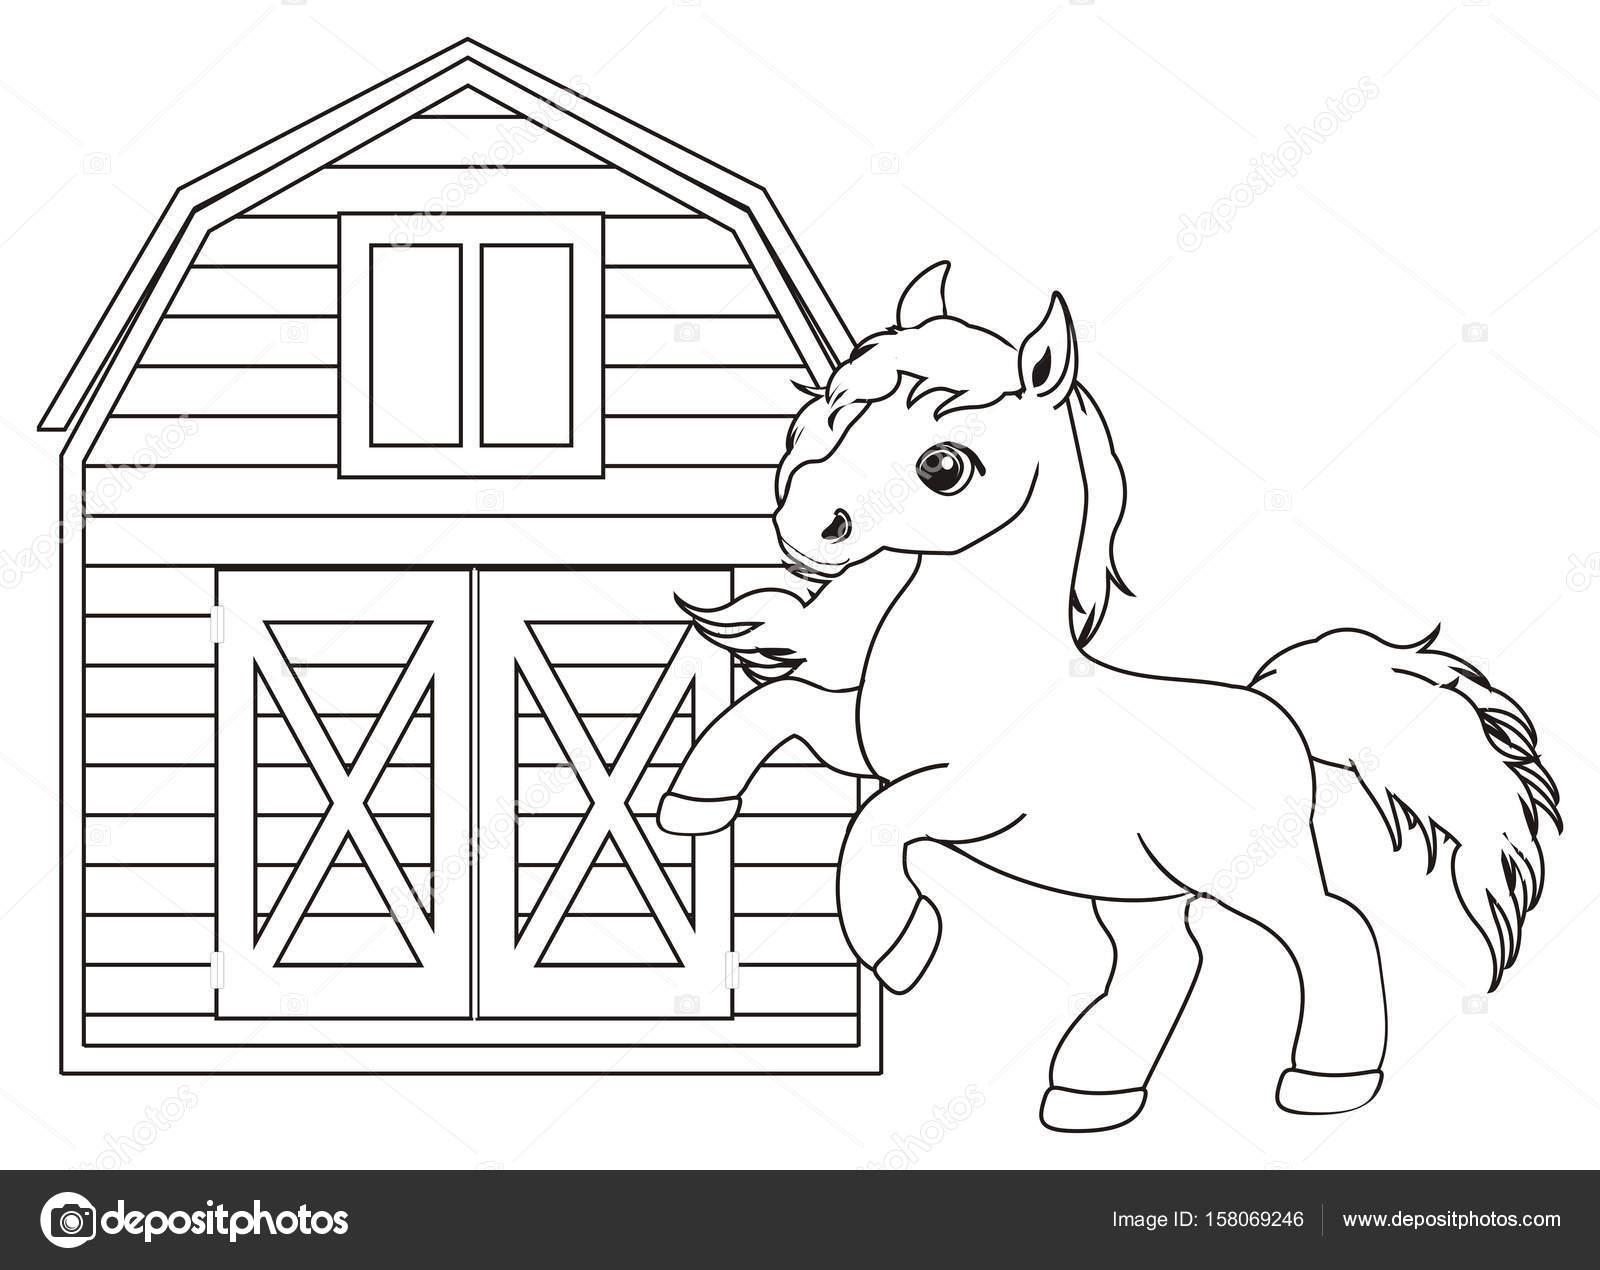 Fotografie muso di cavallo da colorare disegni da for Immagini di cavalli da disegnare